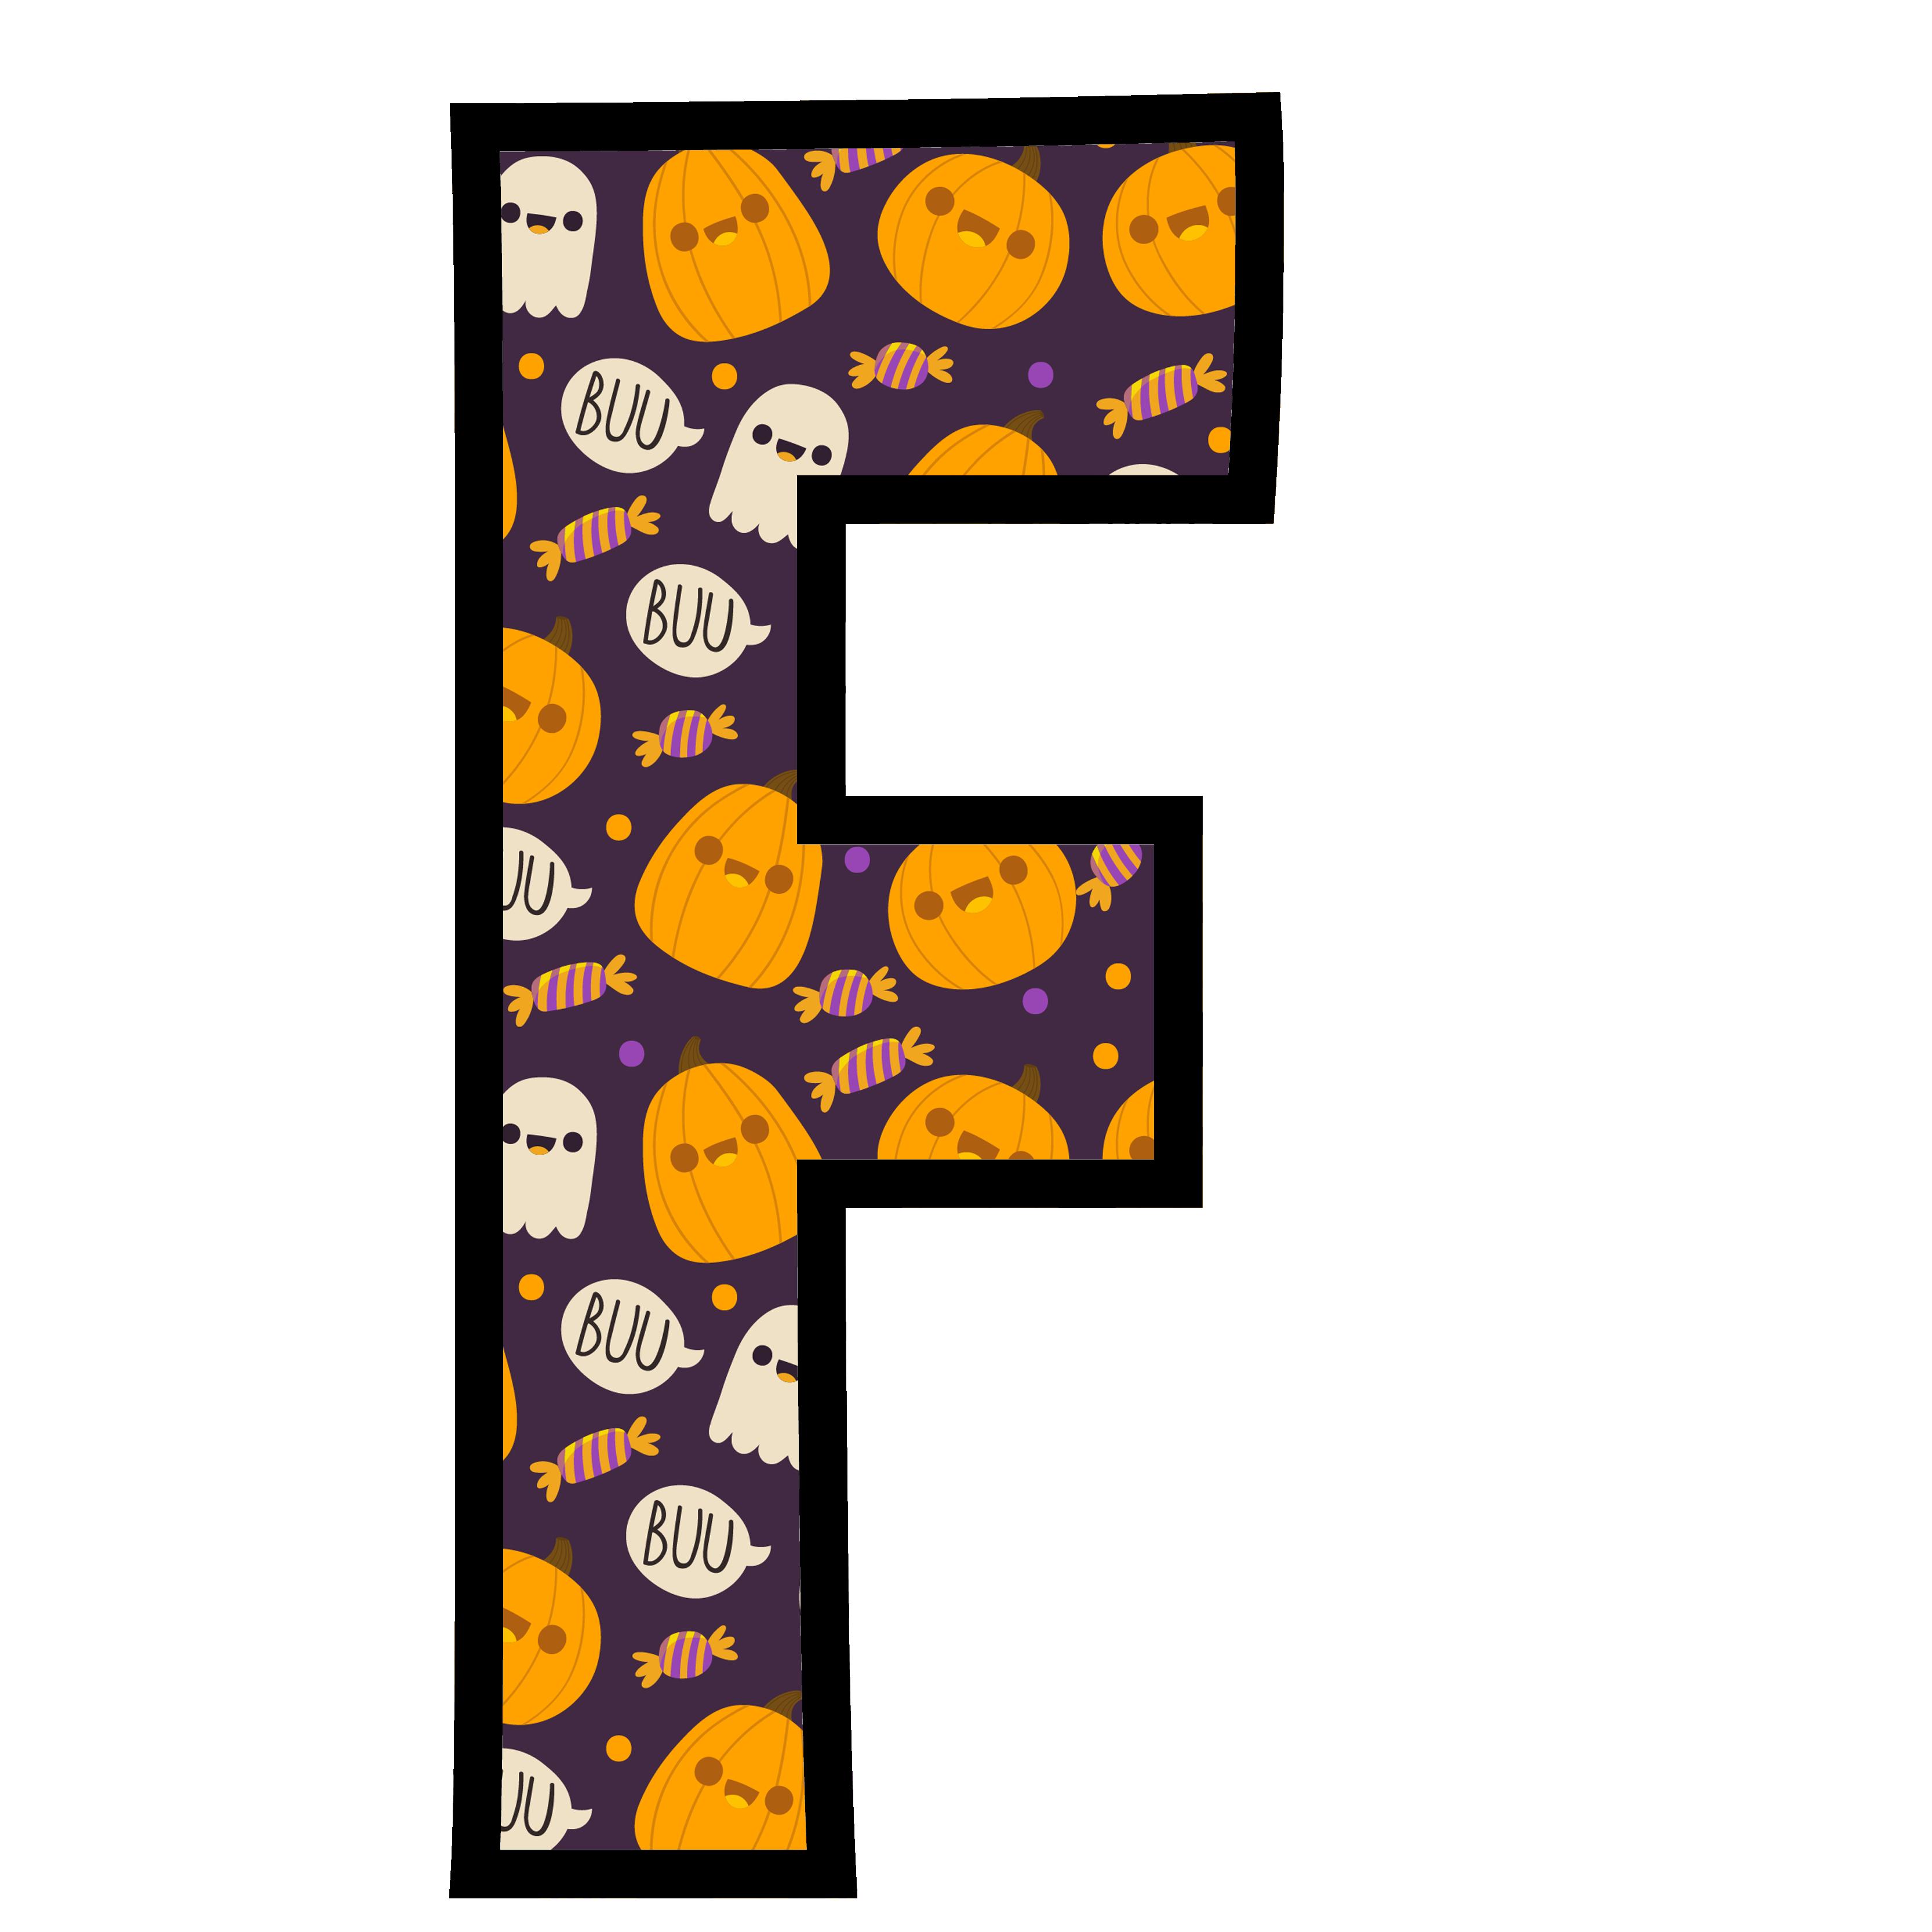 alfabeto personalizado fantasma halloween 6